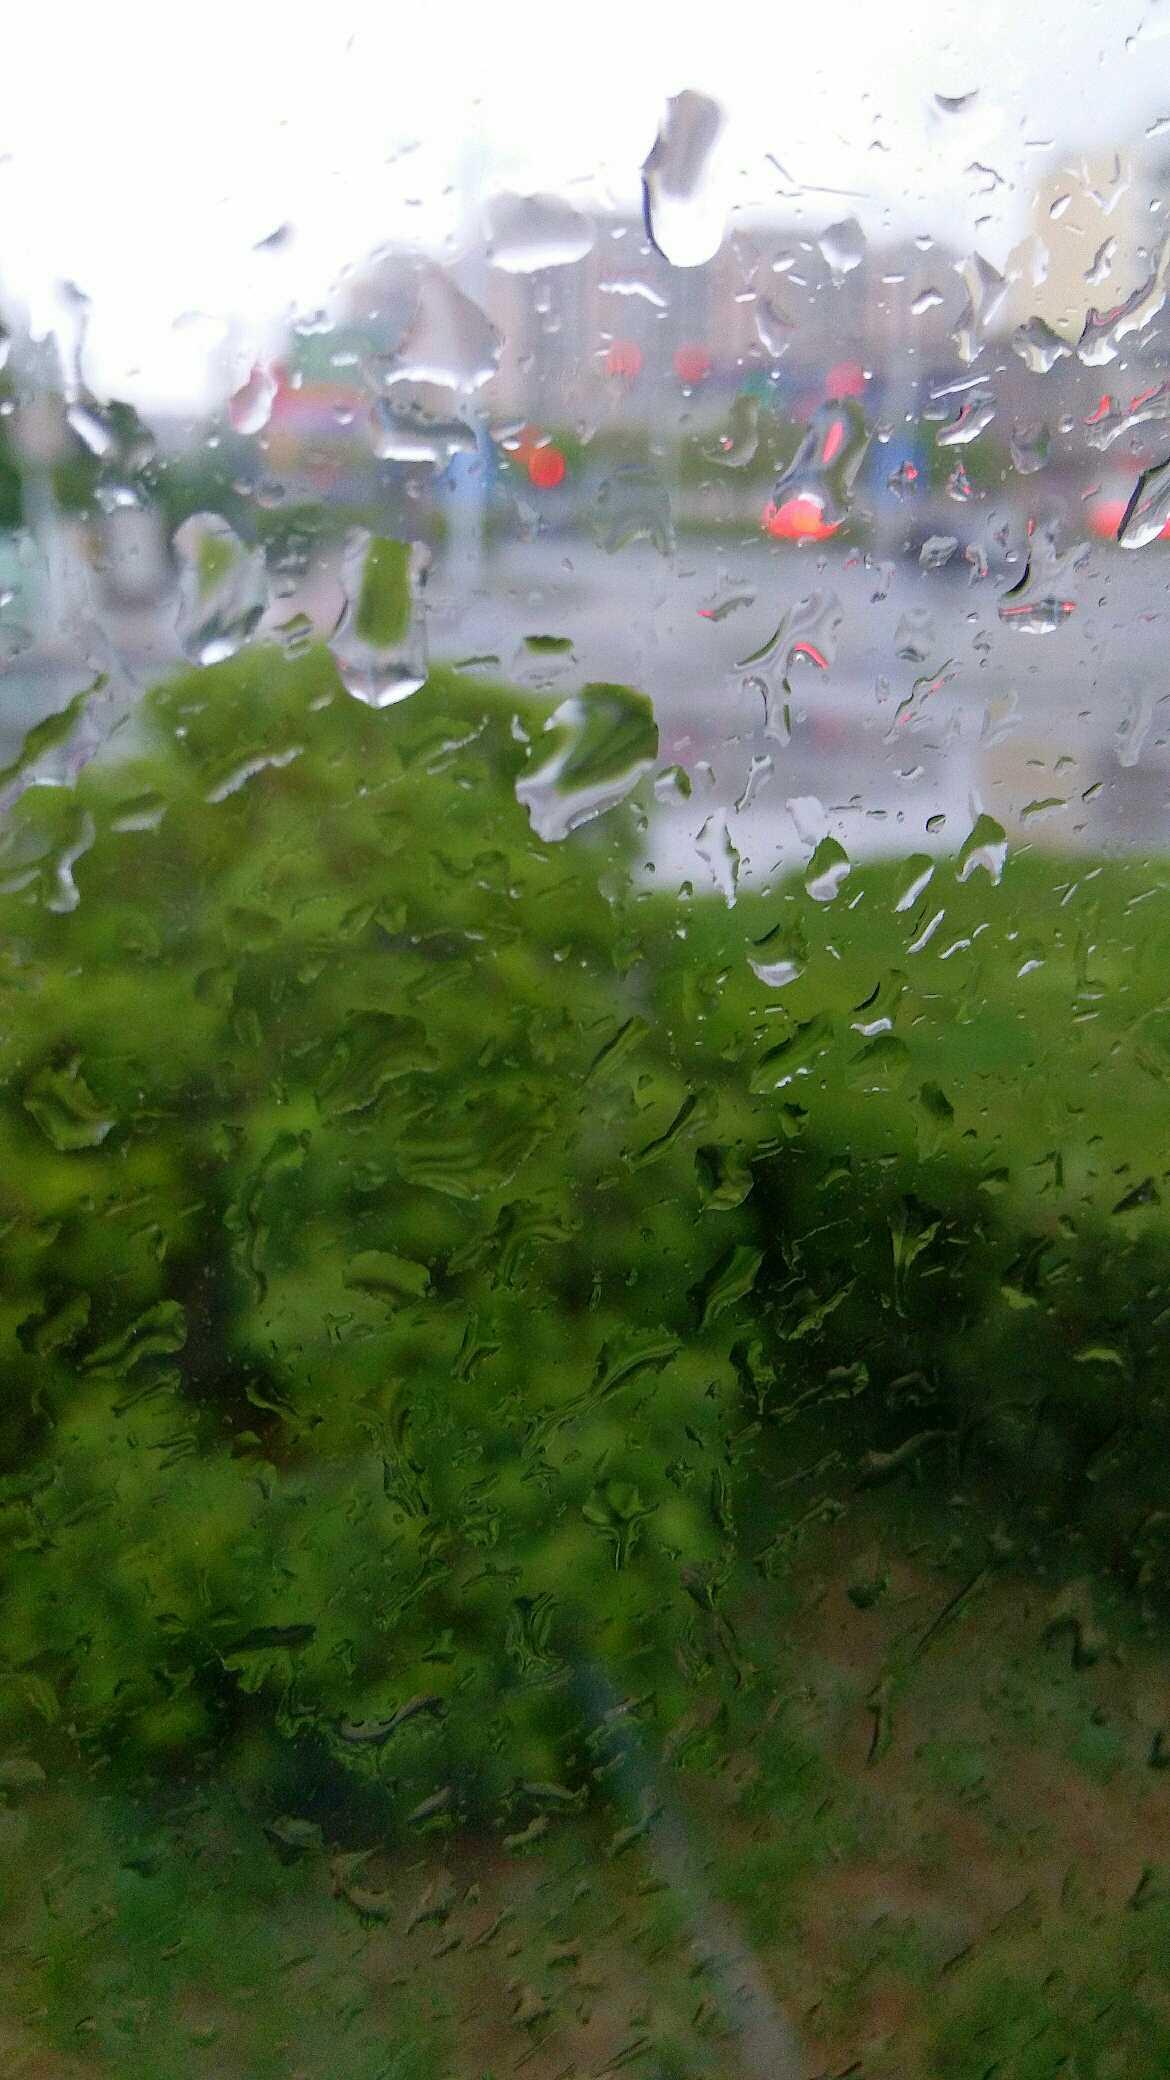 us A 雨的抽象画